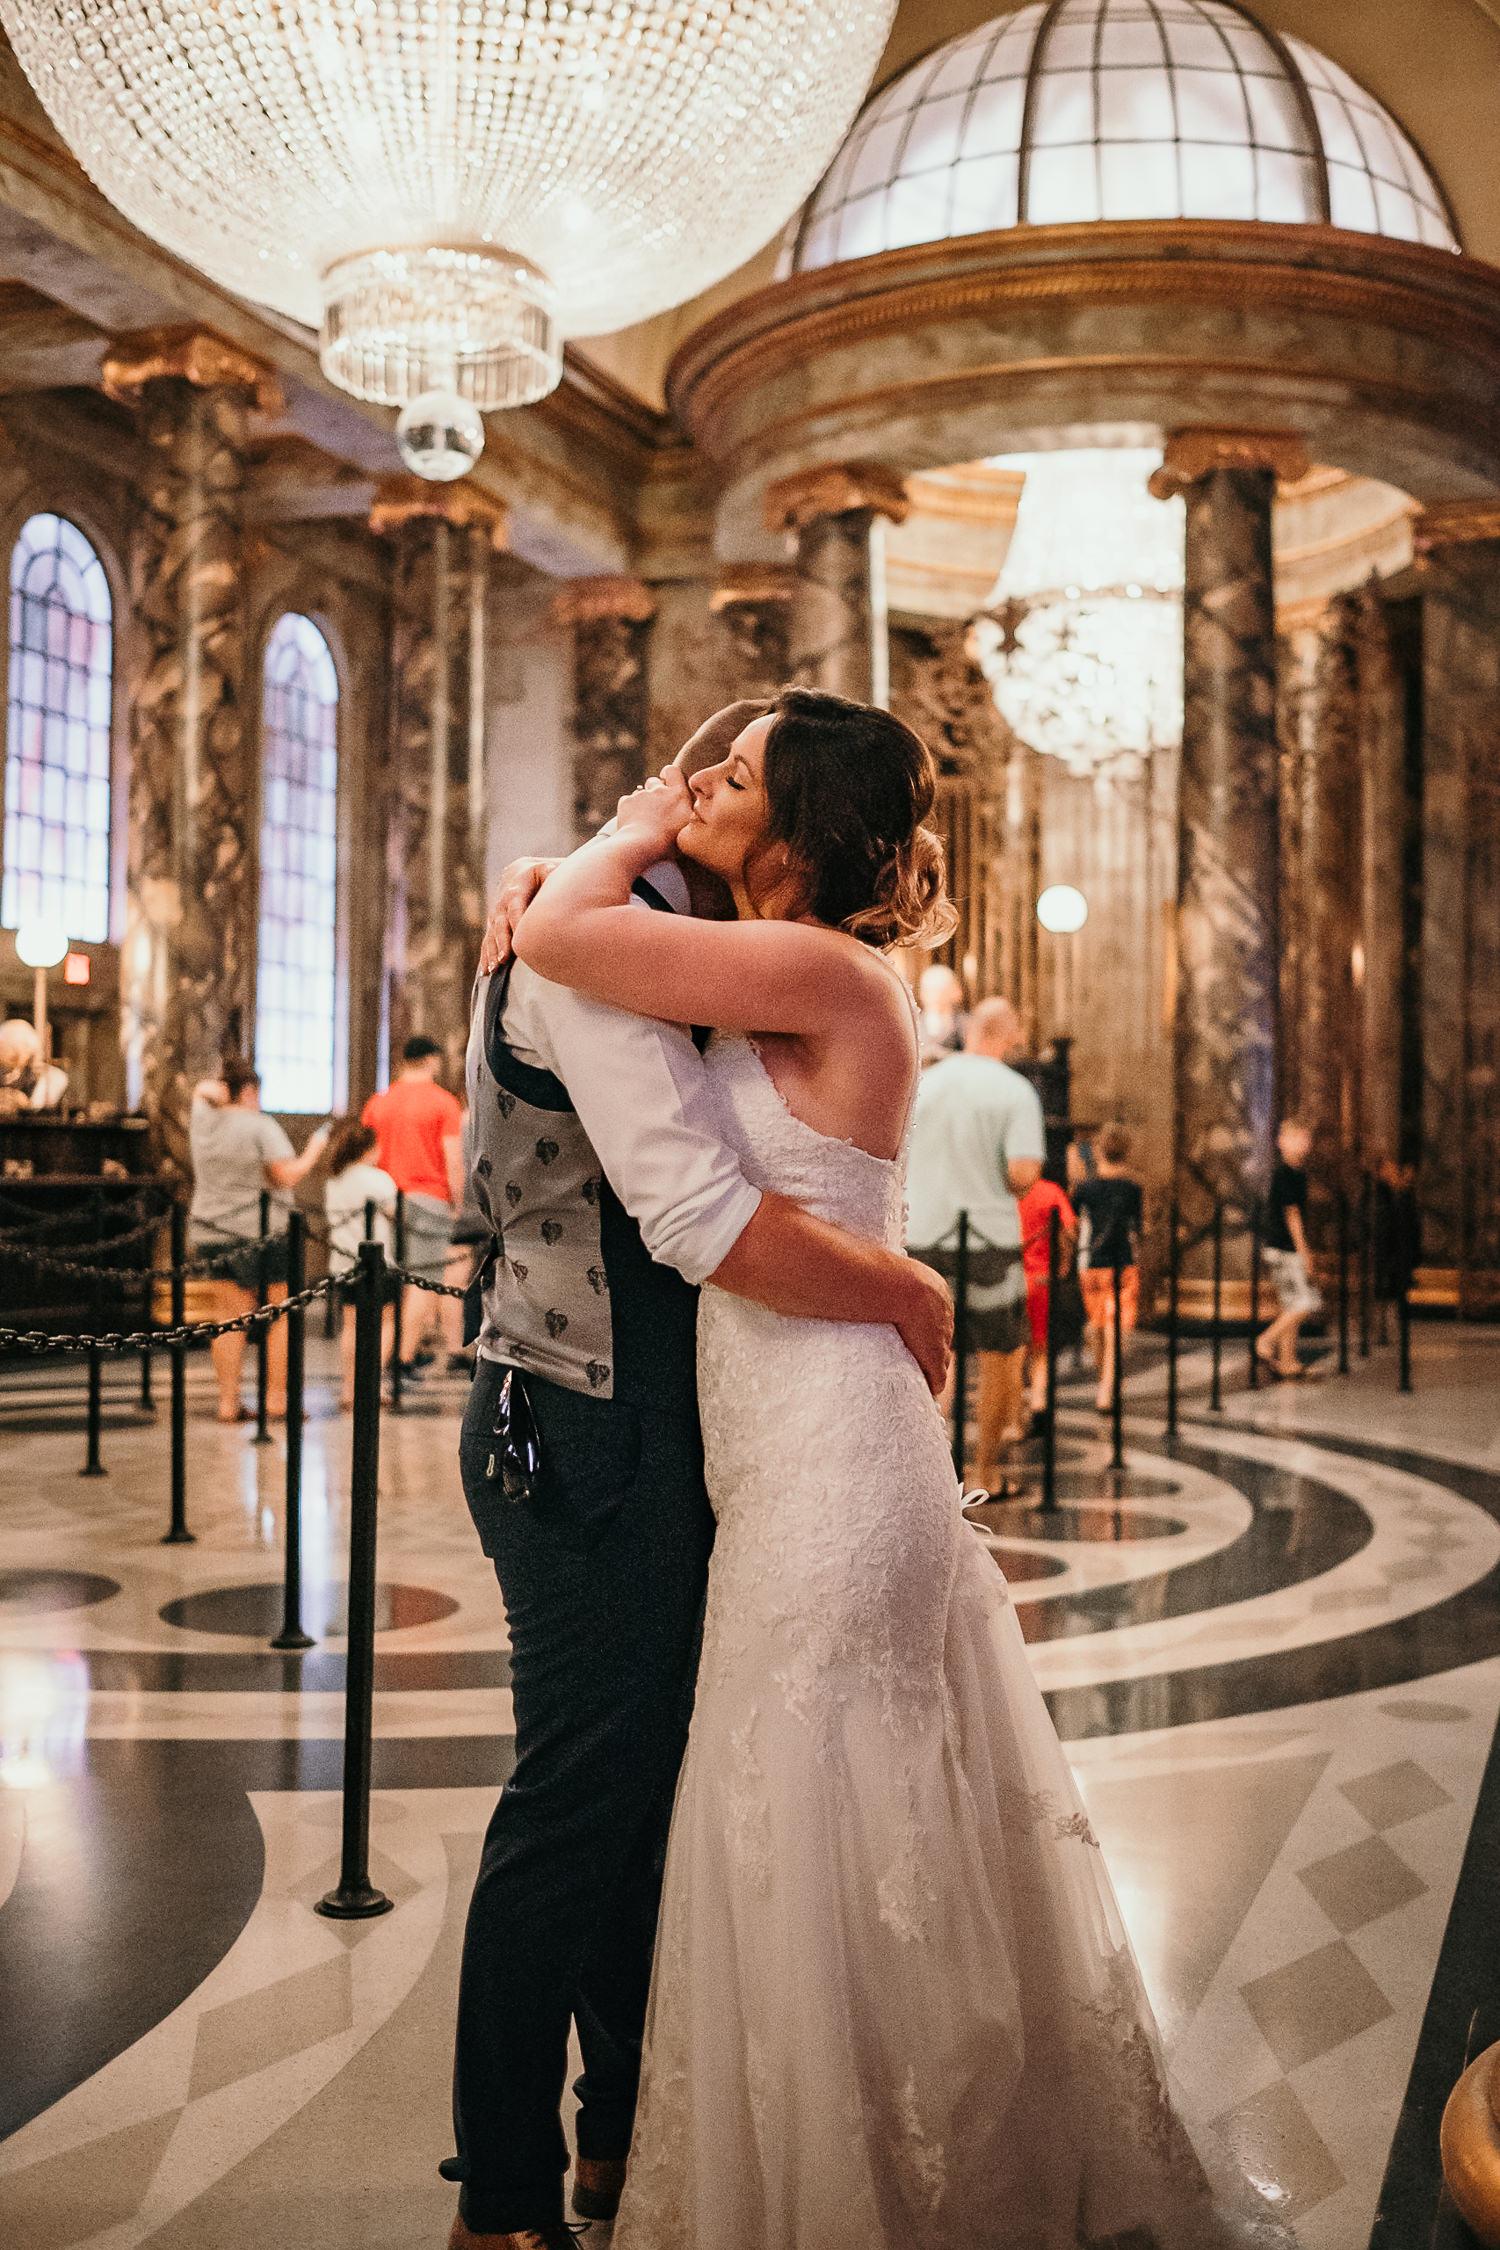 newlyweds hugging intimately inside gringotts bank